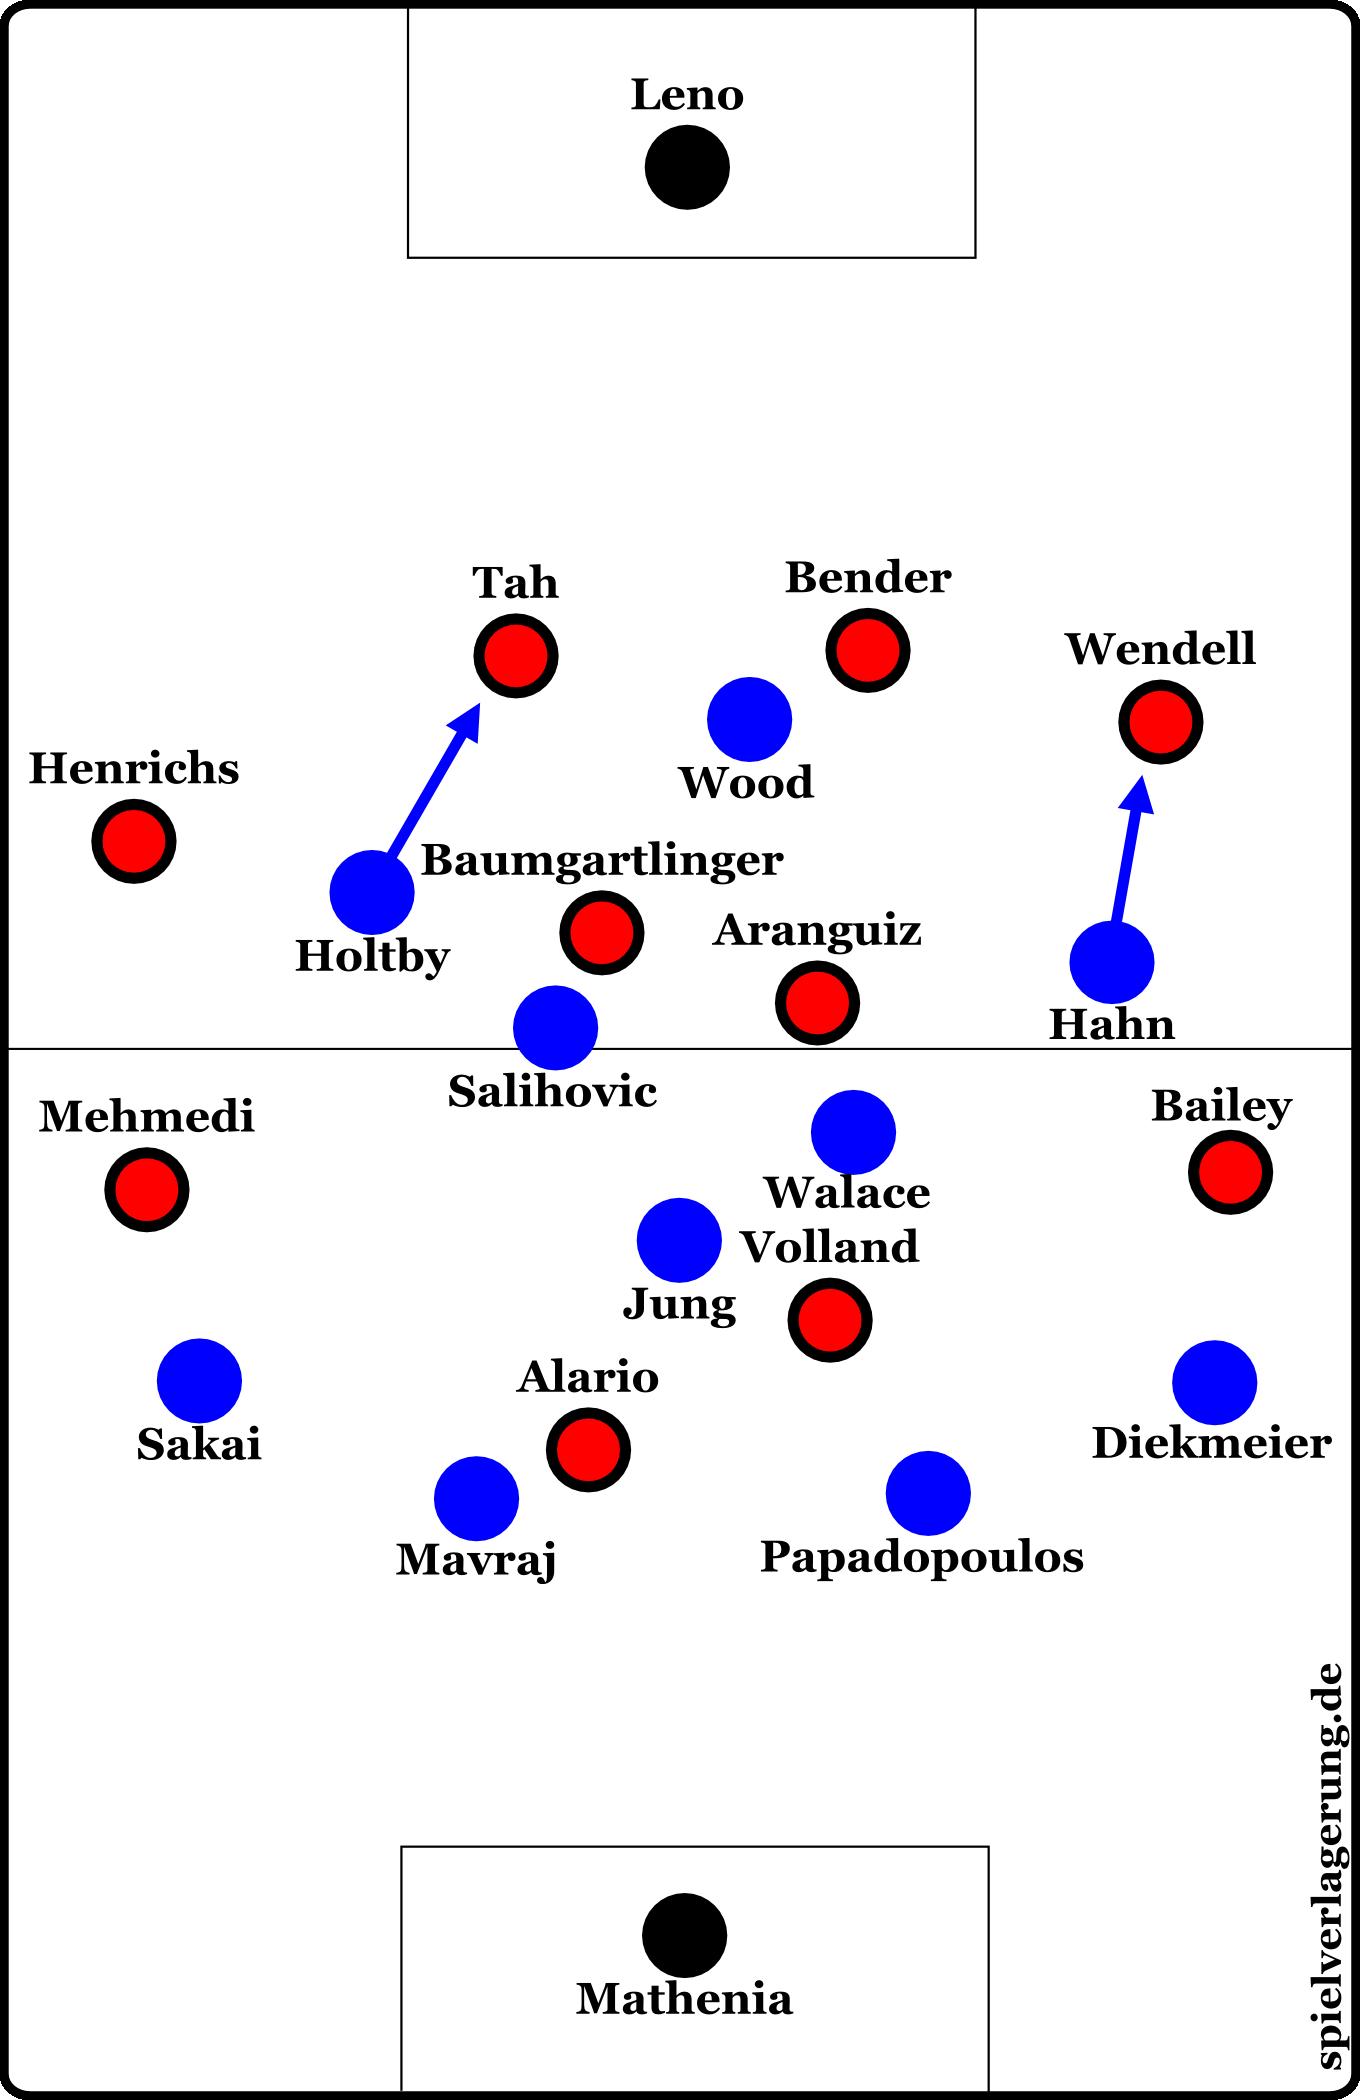 HSV gegen Leverkusen: Holtby ging im Pressing oft auf eine Höhe mit Wood, Hahn störte eher Außenverteidiger Wendell. So konnte man aus dem nominellen 4-3-3-System zum aggressiven Pressing übergehen.